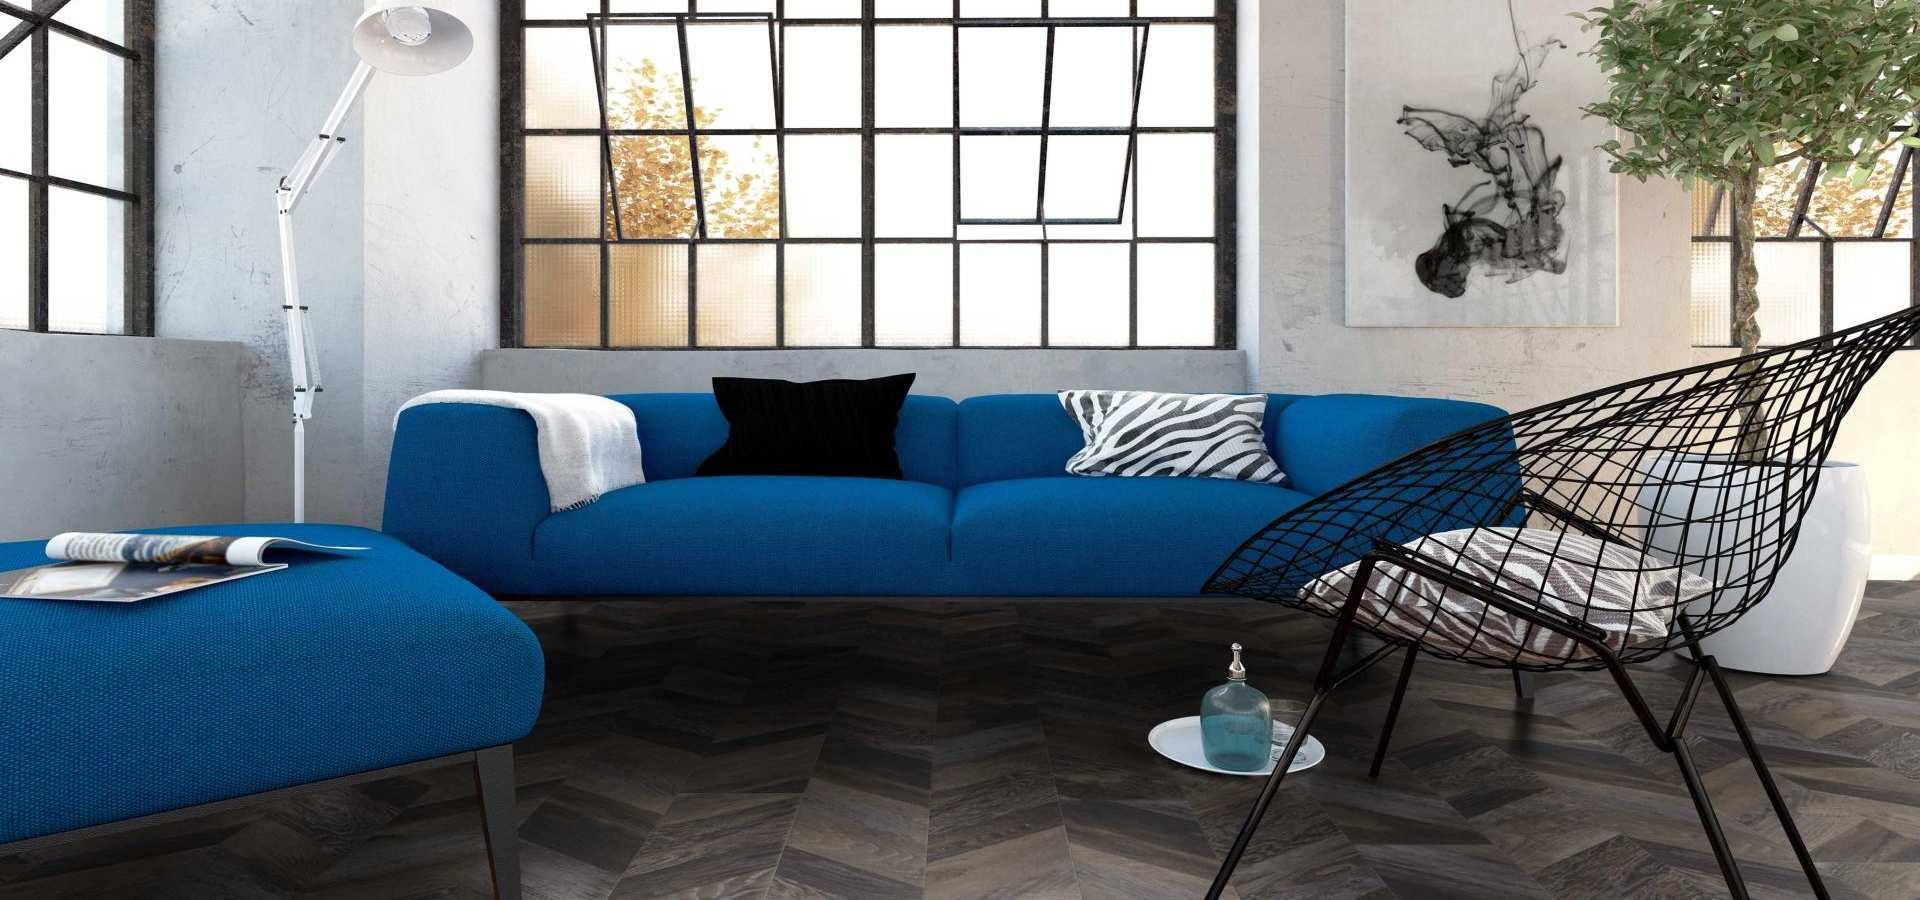 Wohnen Designbelag Fishgrat Holzplanken Wohnzimmer